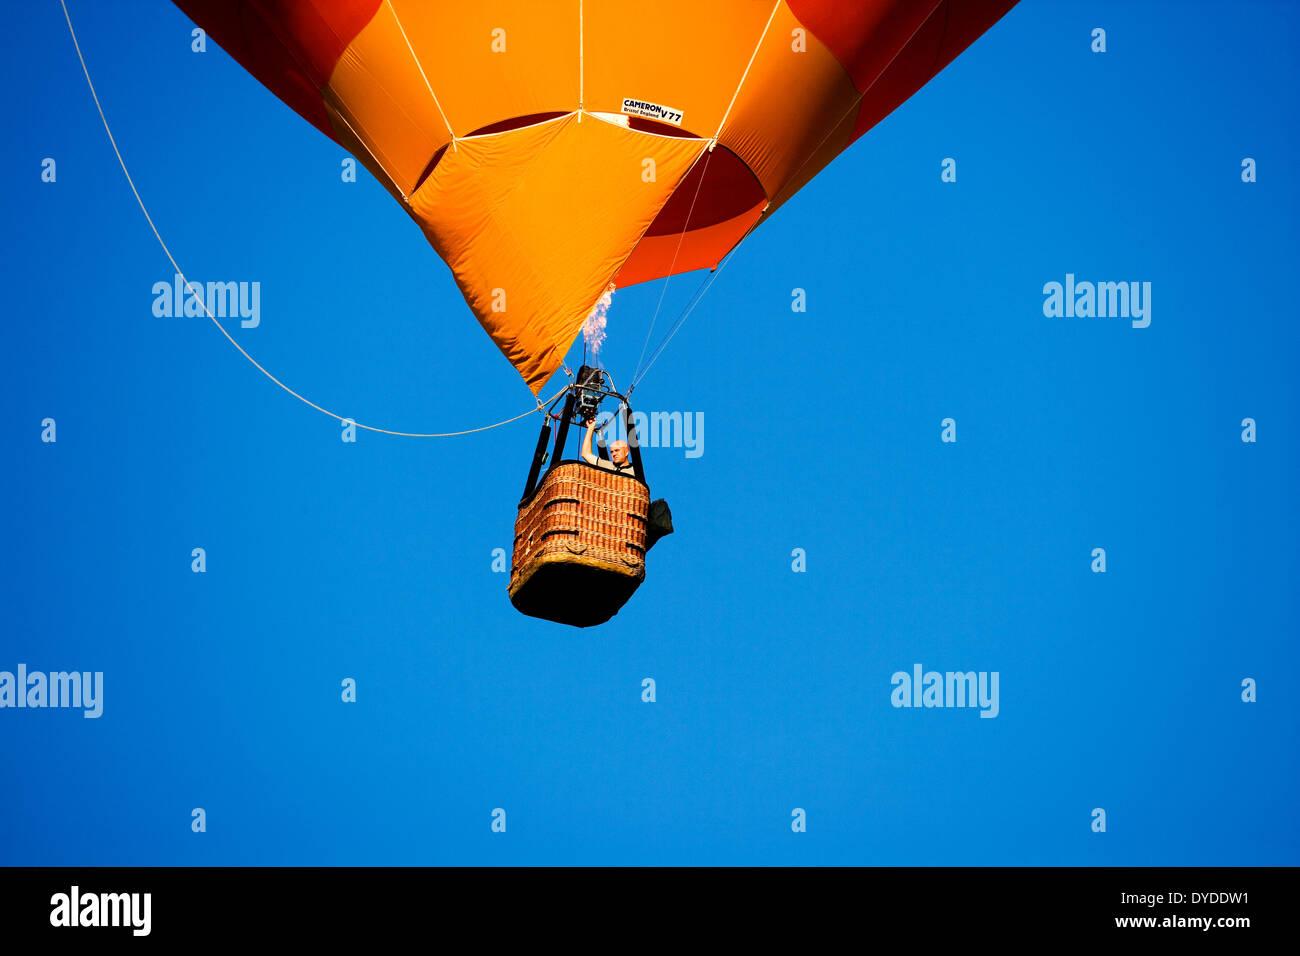 A hot air balloon. - Stock Image